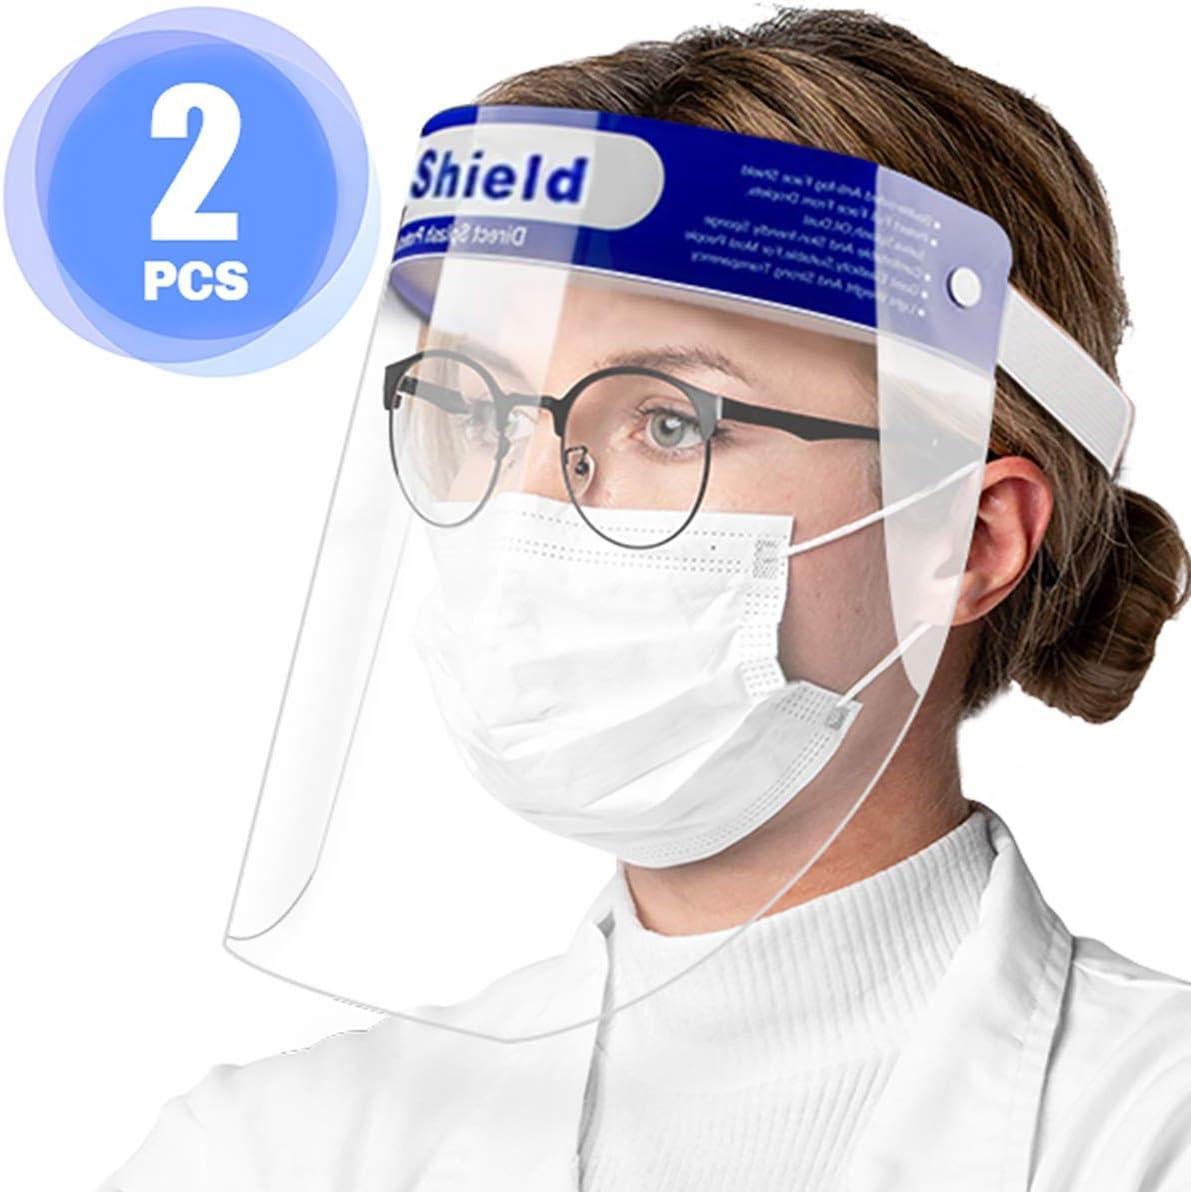 Pantalla Facial Protectora, 2 Viseras Protectoras Transparentes Ajustables de rostro Completo con Protección para ojos y cabeza, Cubierta Facial Antisalpicaduras para mujeres / hombres